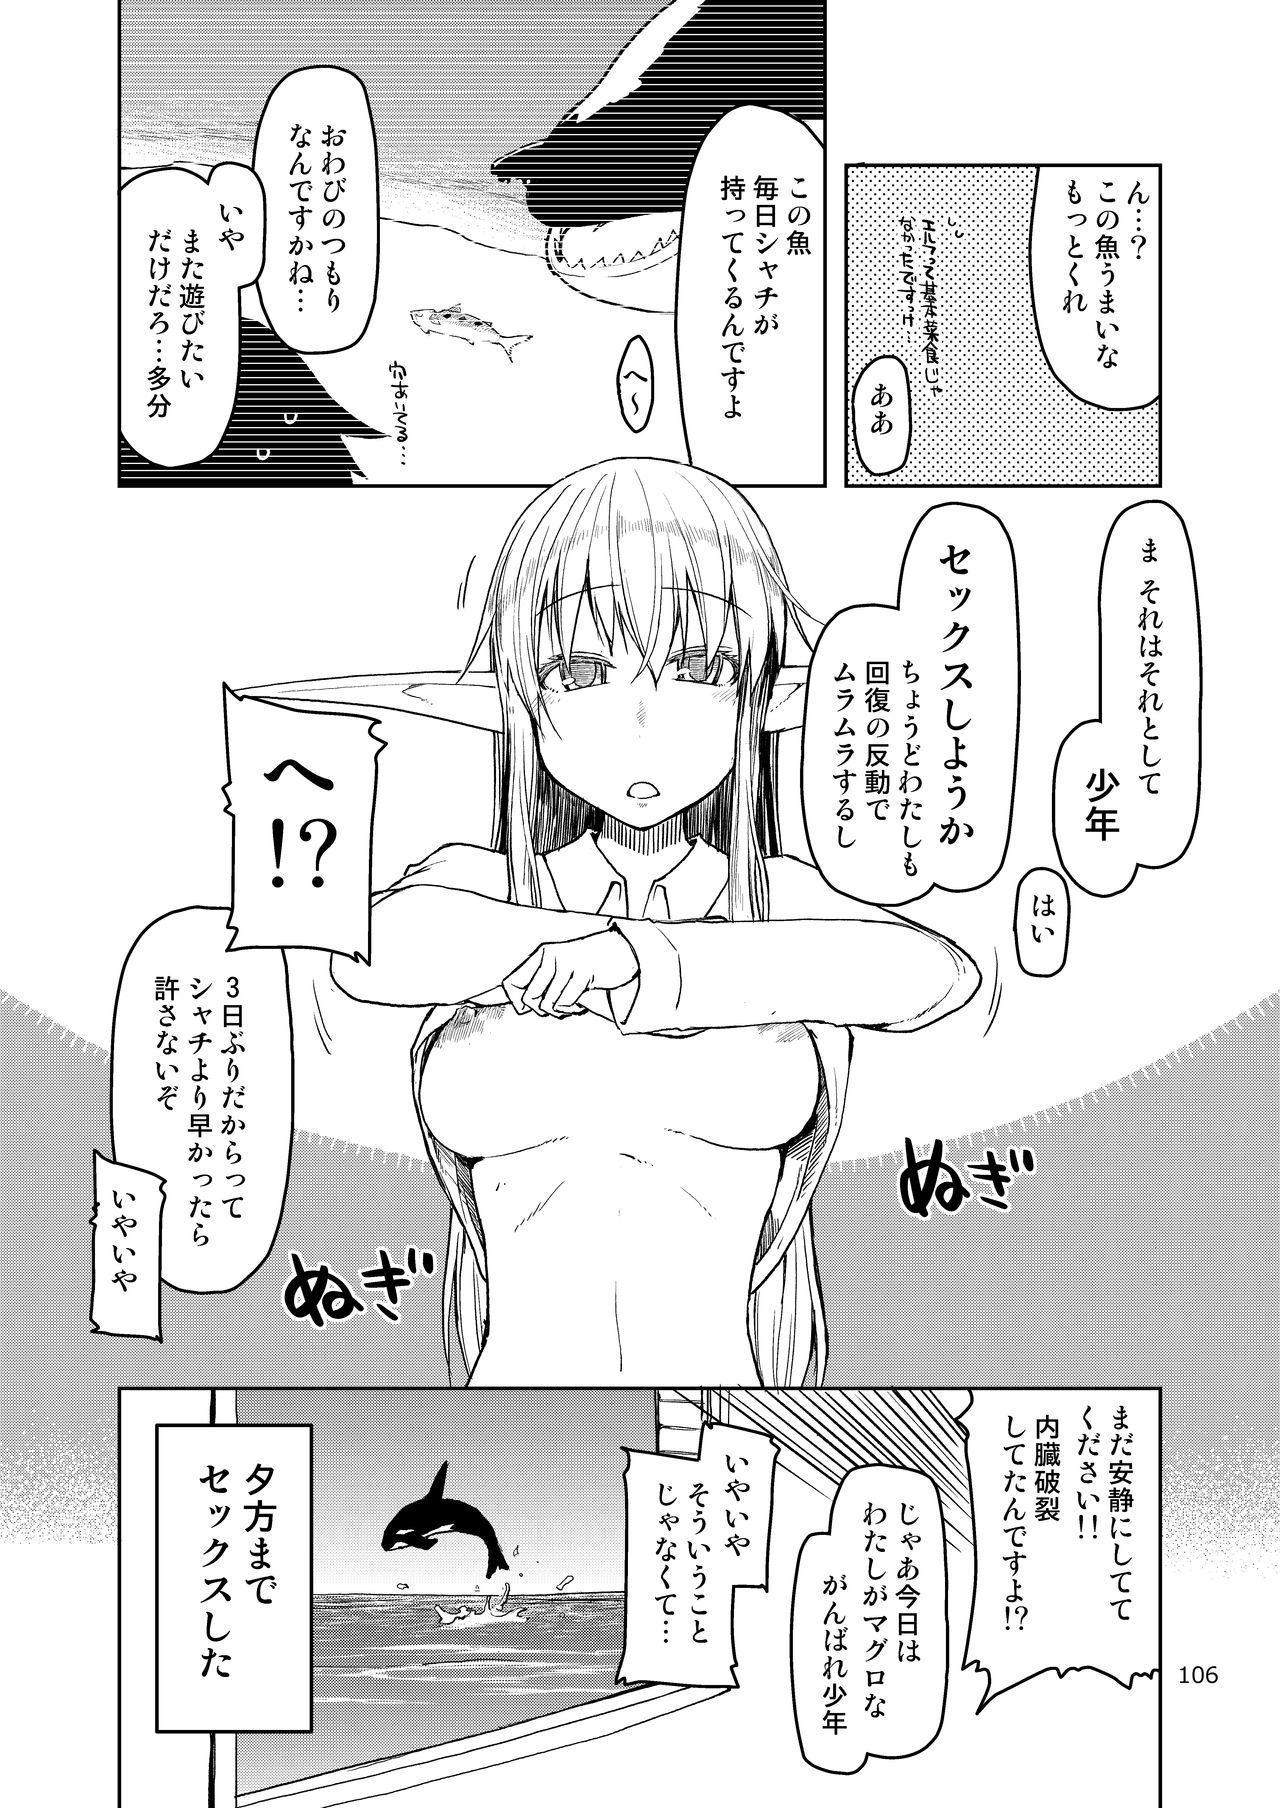 Dosukebe Elf no Ishukan Nikki Matome 2 106